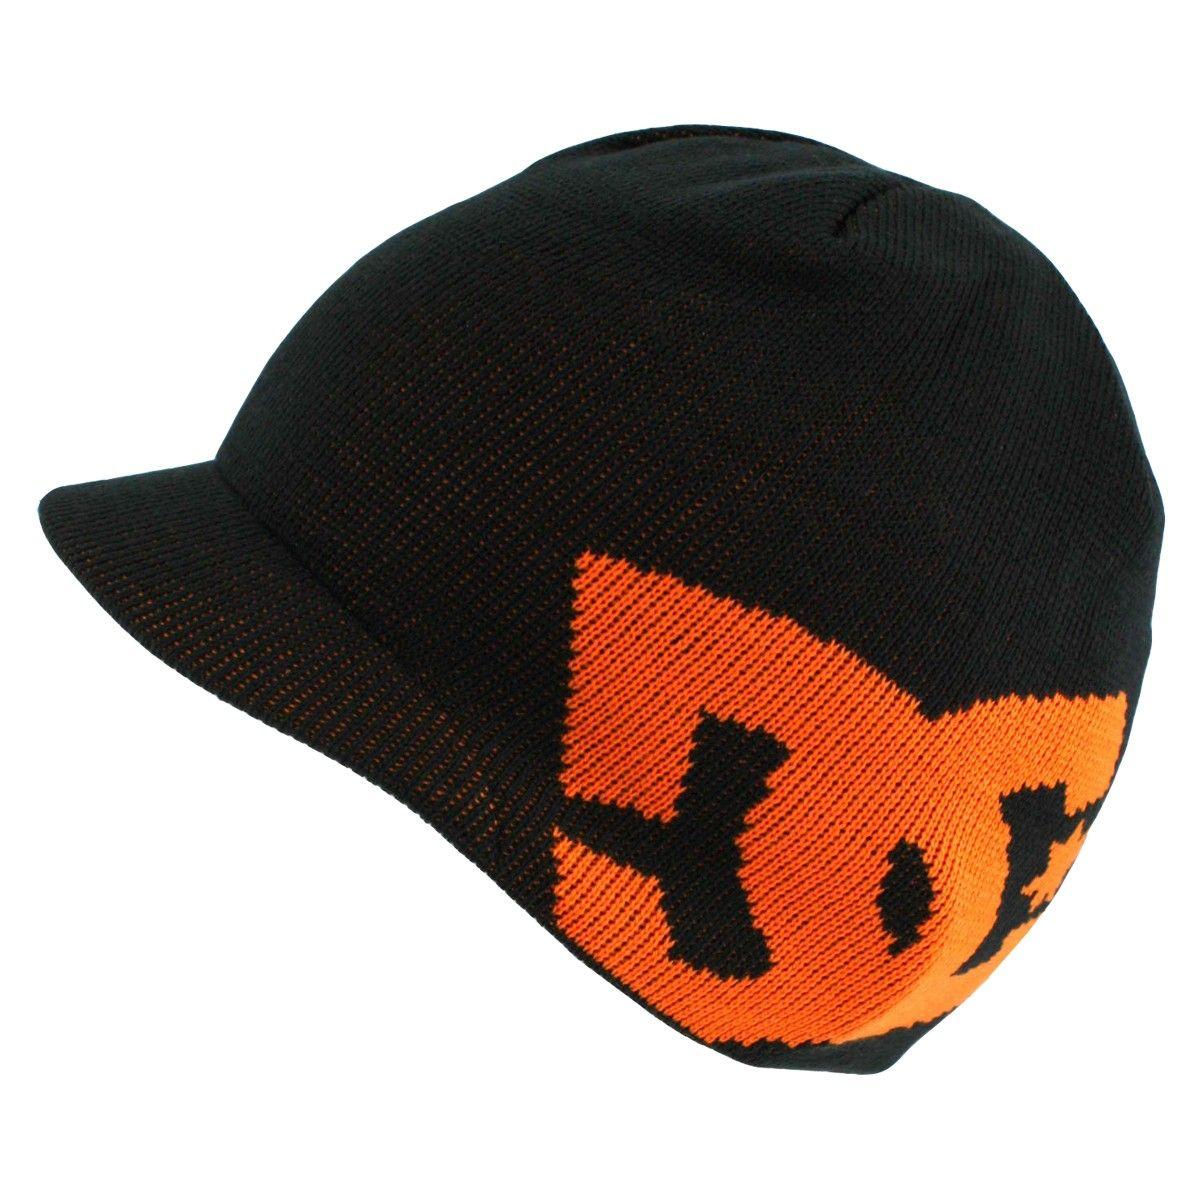 a175b0b46aa DC Shoes bonnet big star visor beanie black citrus 30€  dc  dcshoes  bonnet   beanie  bonnets  beanies